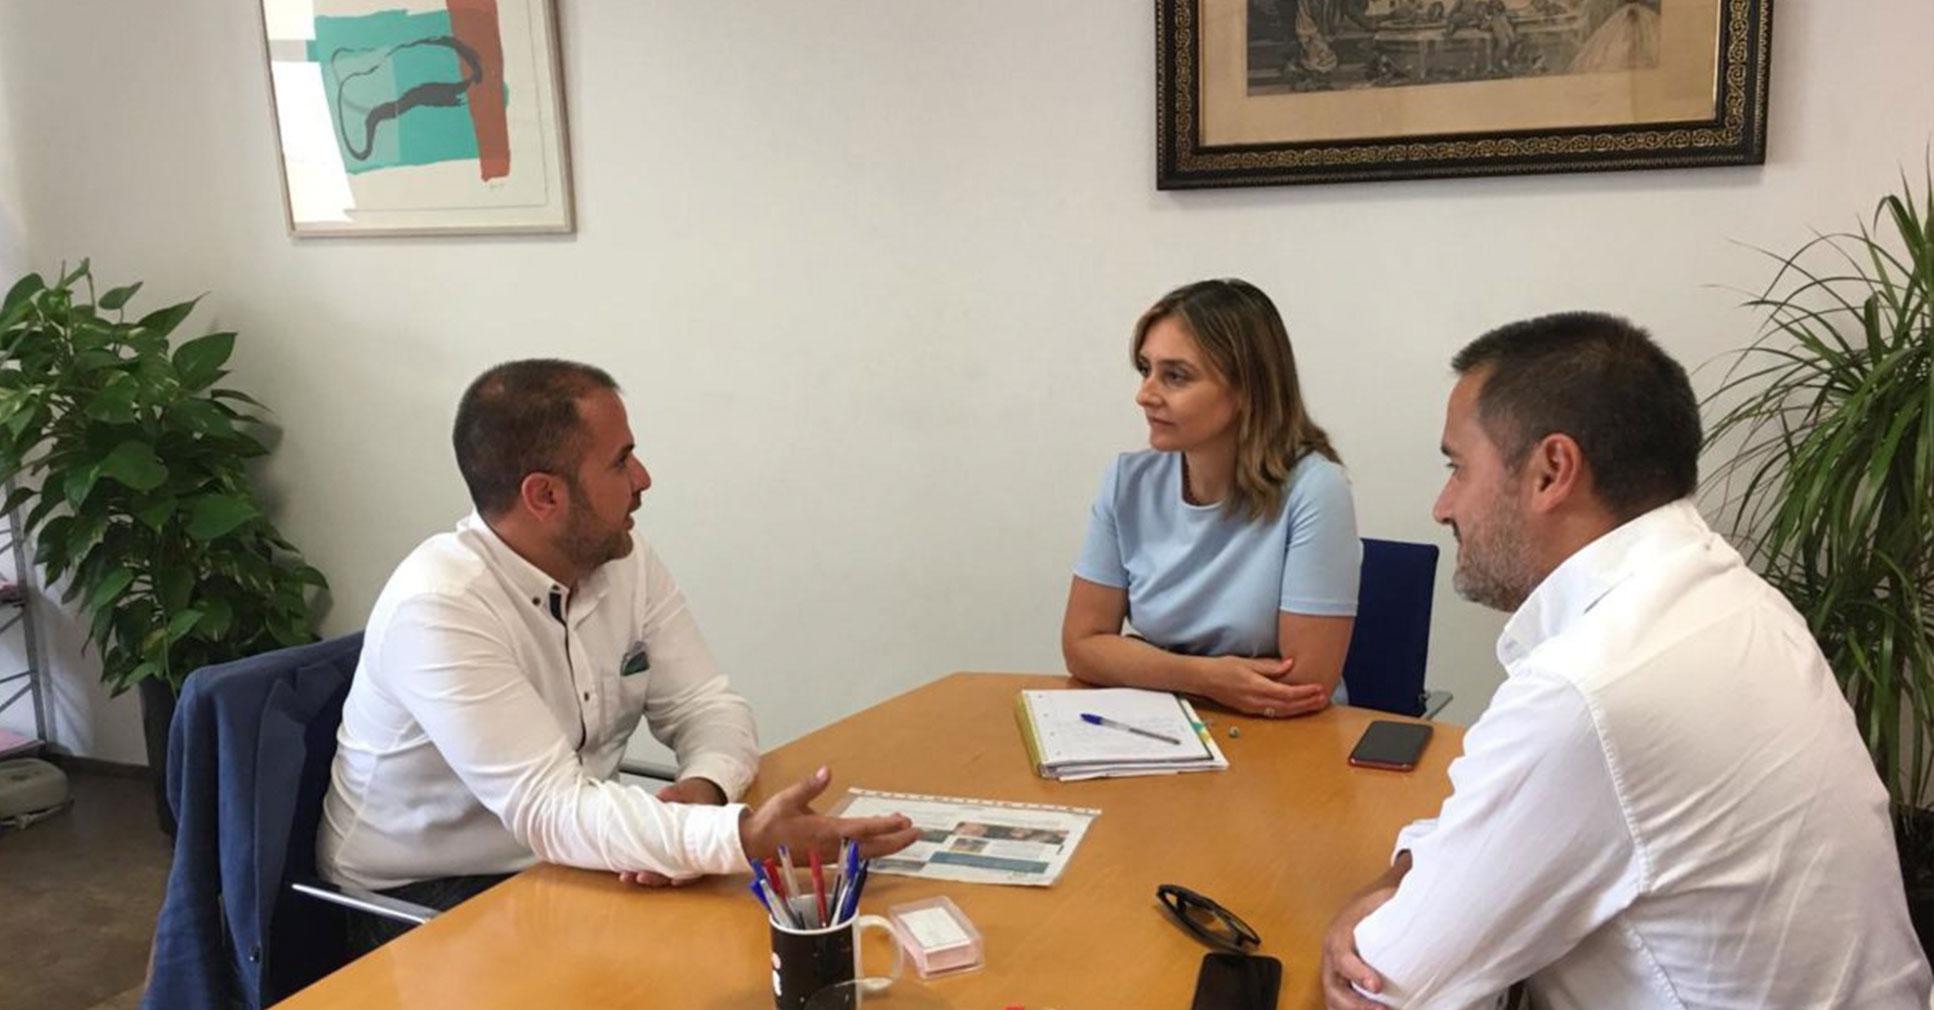 Noticia: Reunión en el Ayuntamiento de Murcia